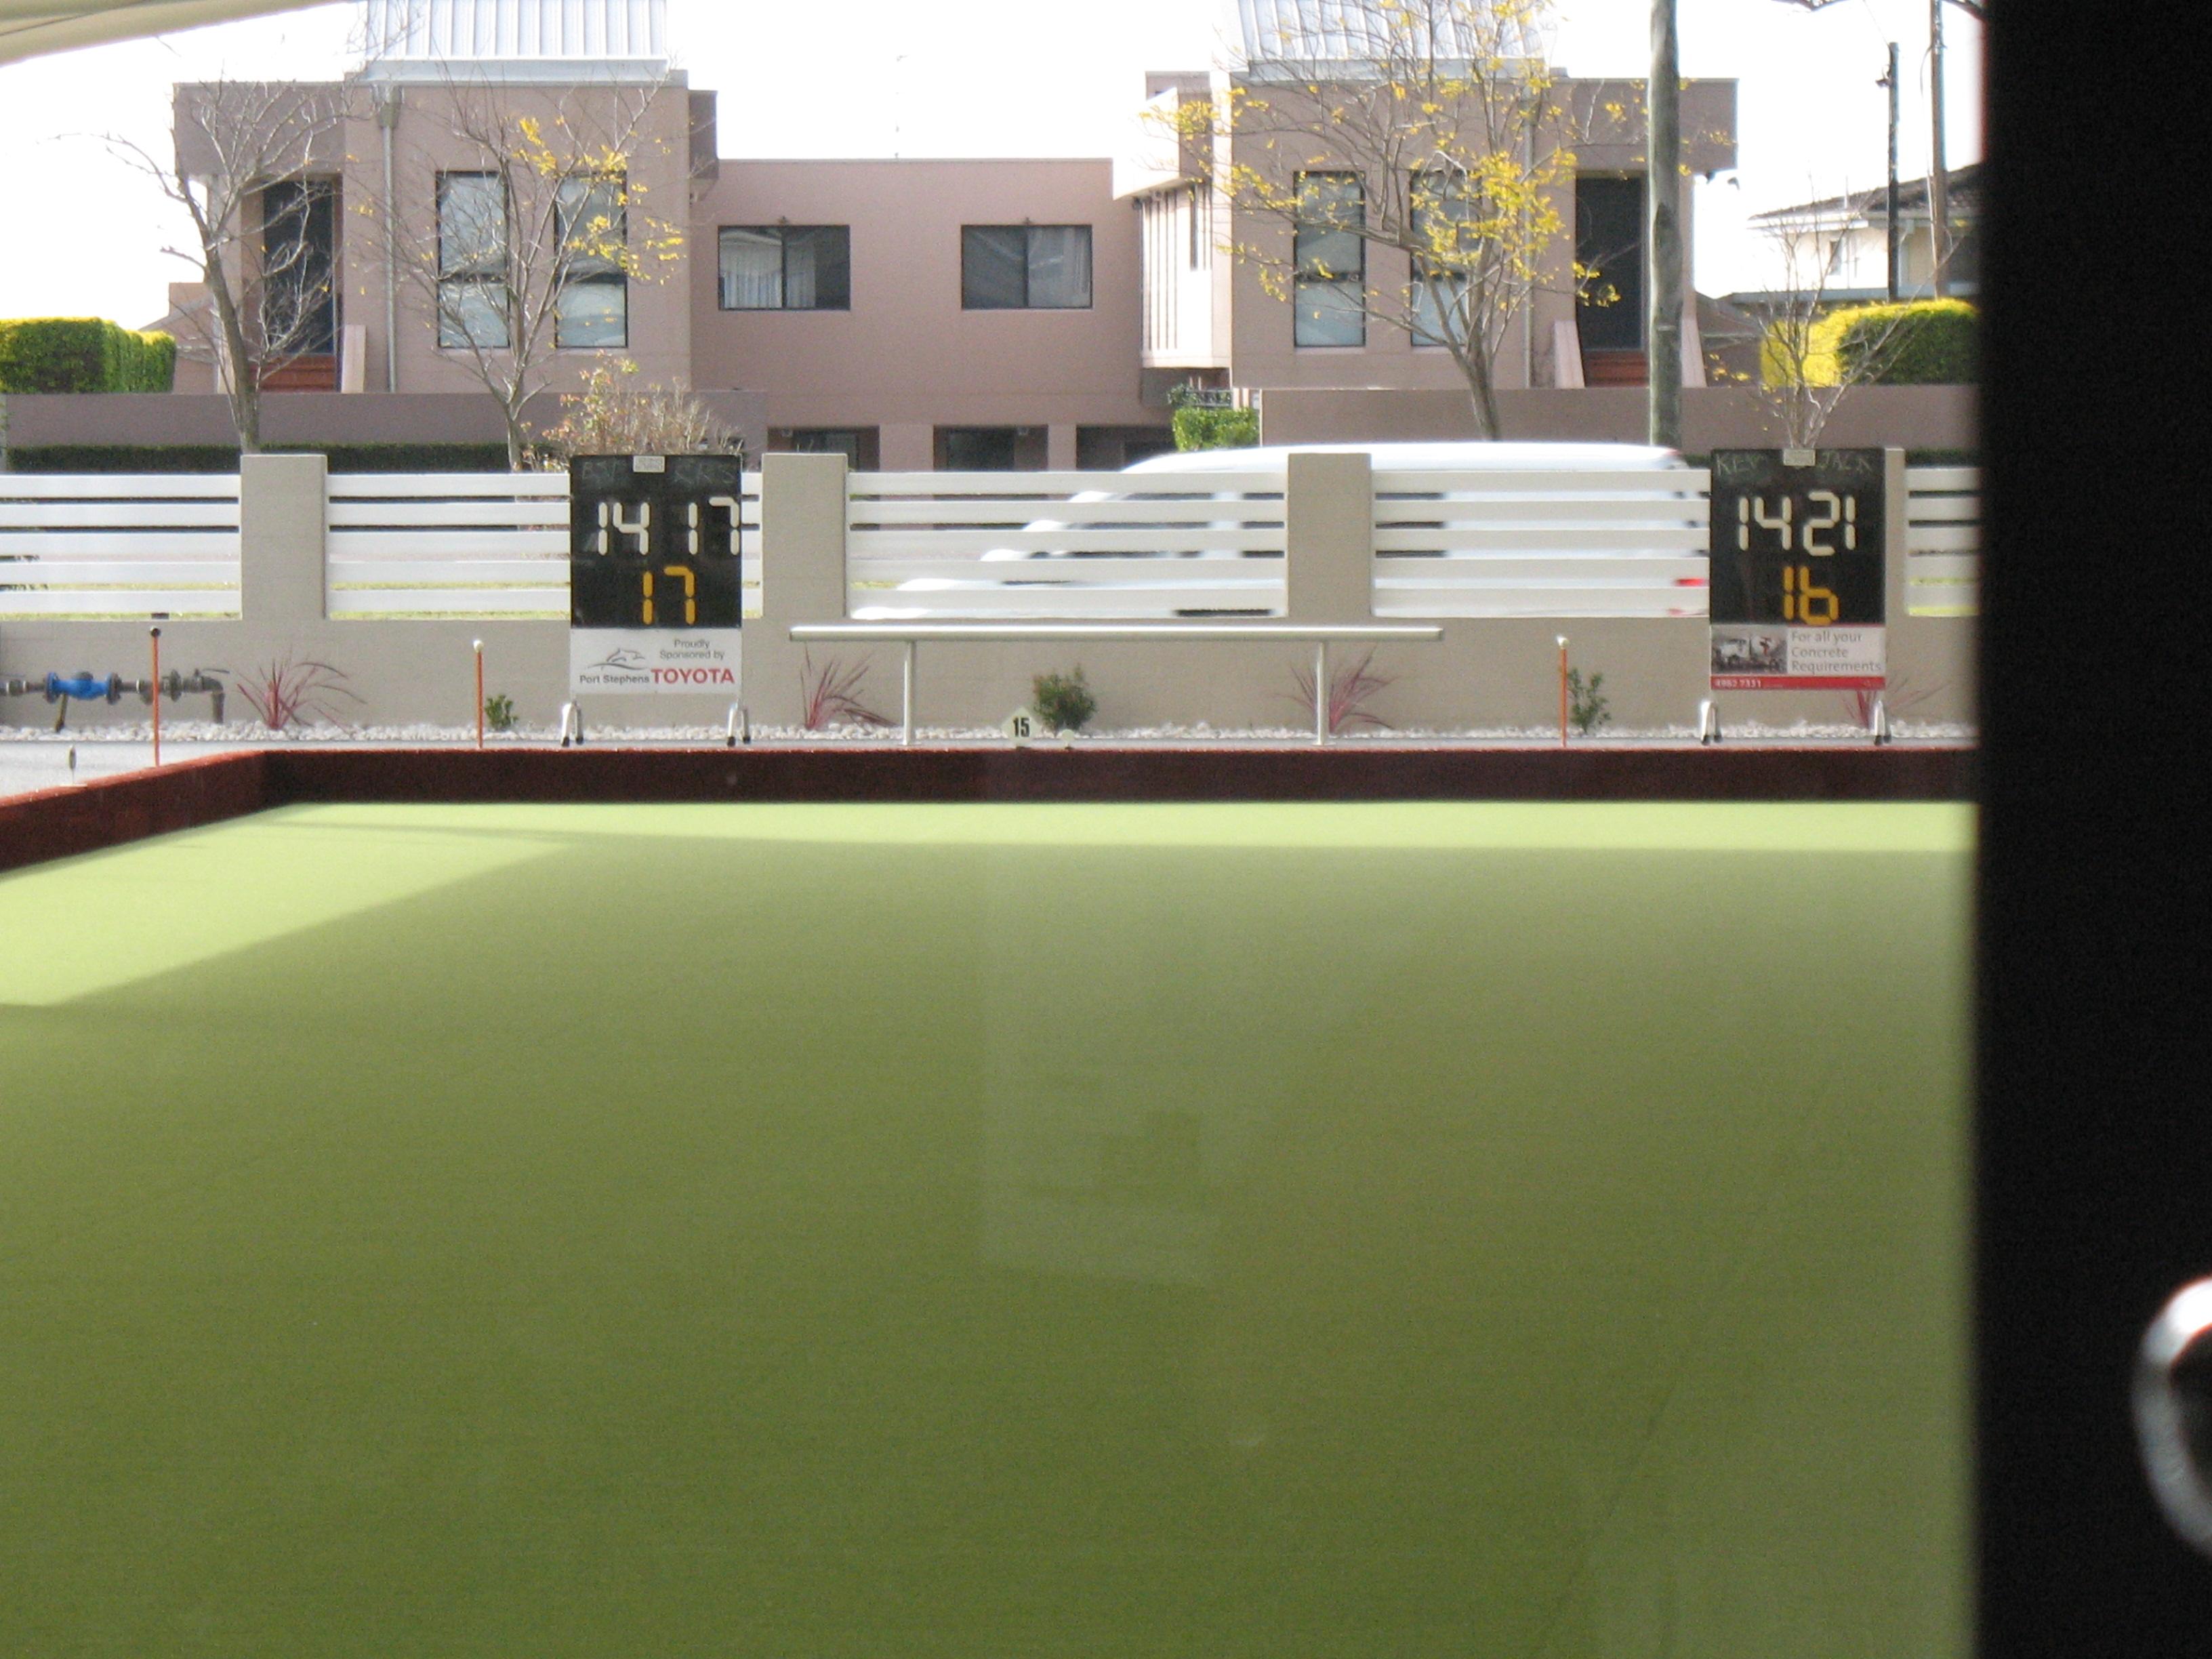 lawn bowls scoreboards